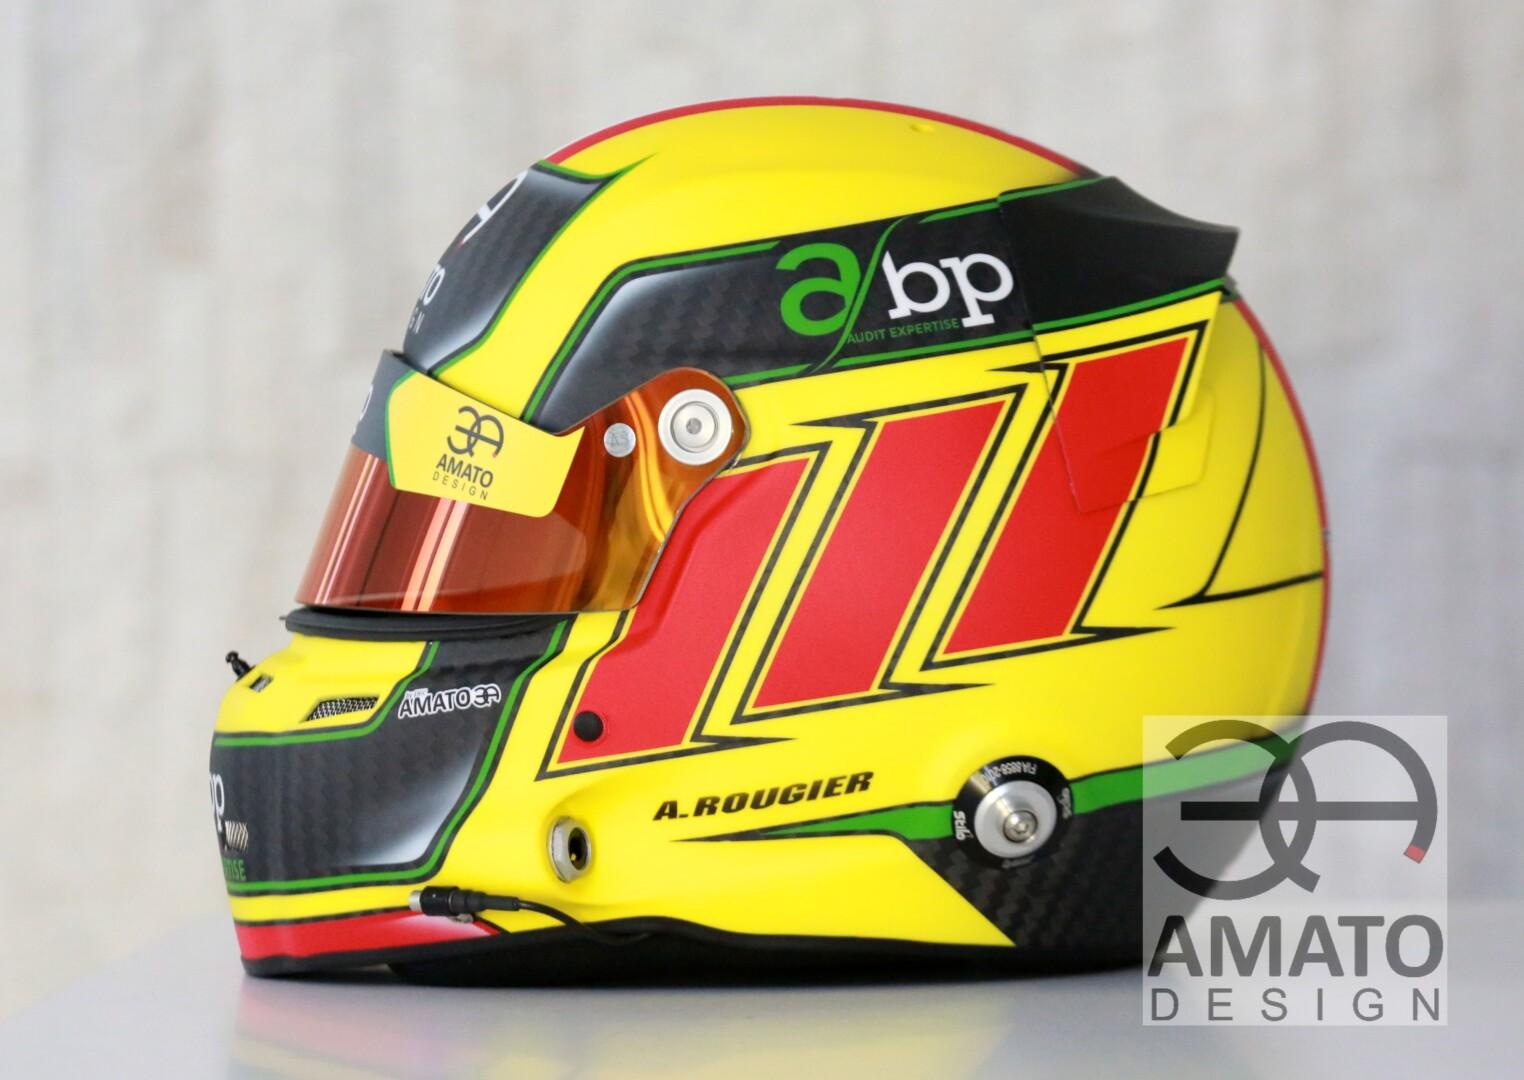 Casque conçu et réalisé par AMATO DESIGN pour le jeune pilote Arthur Rougier courant dans la catégorie GT World Challenge Europe.